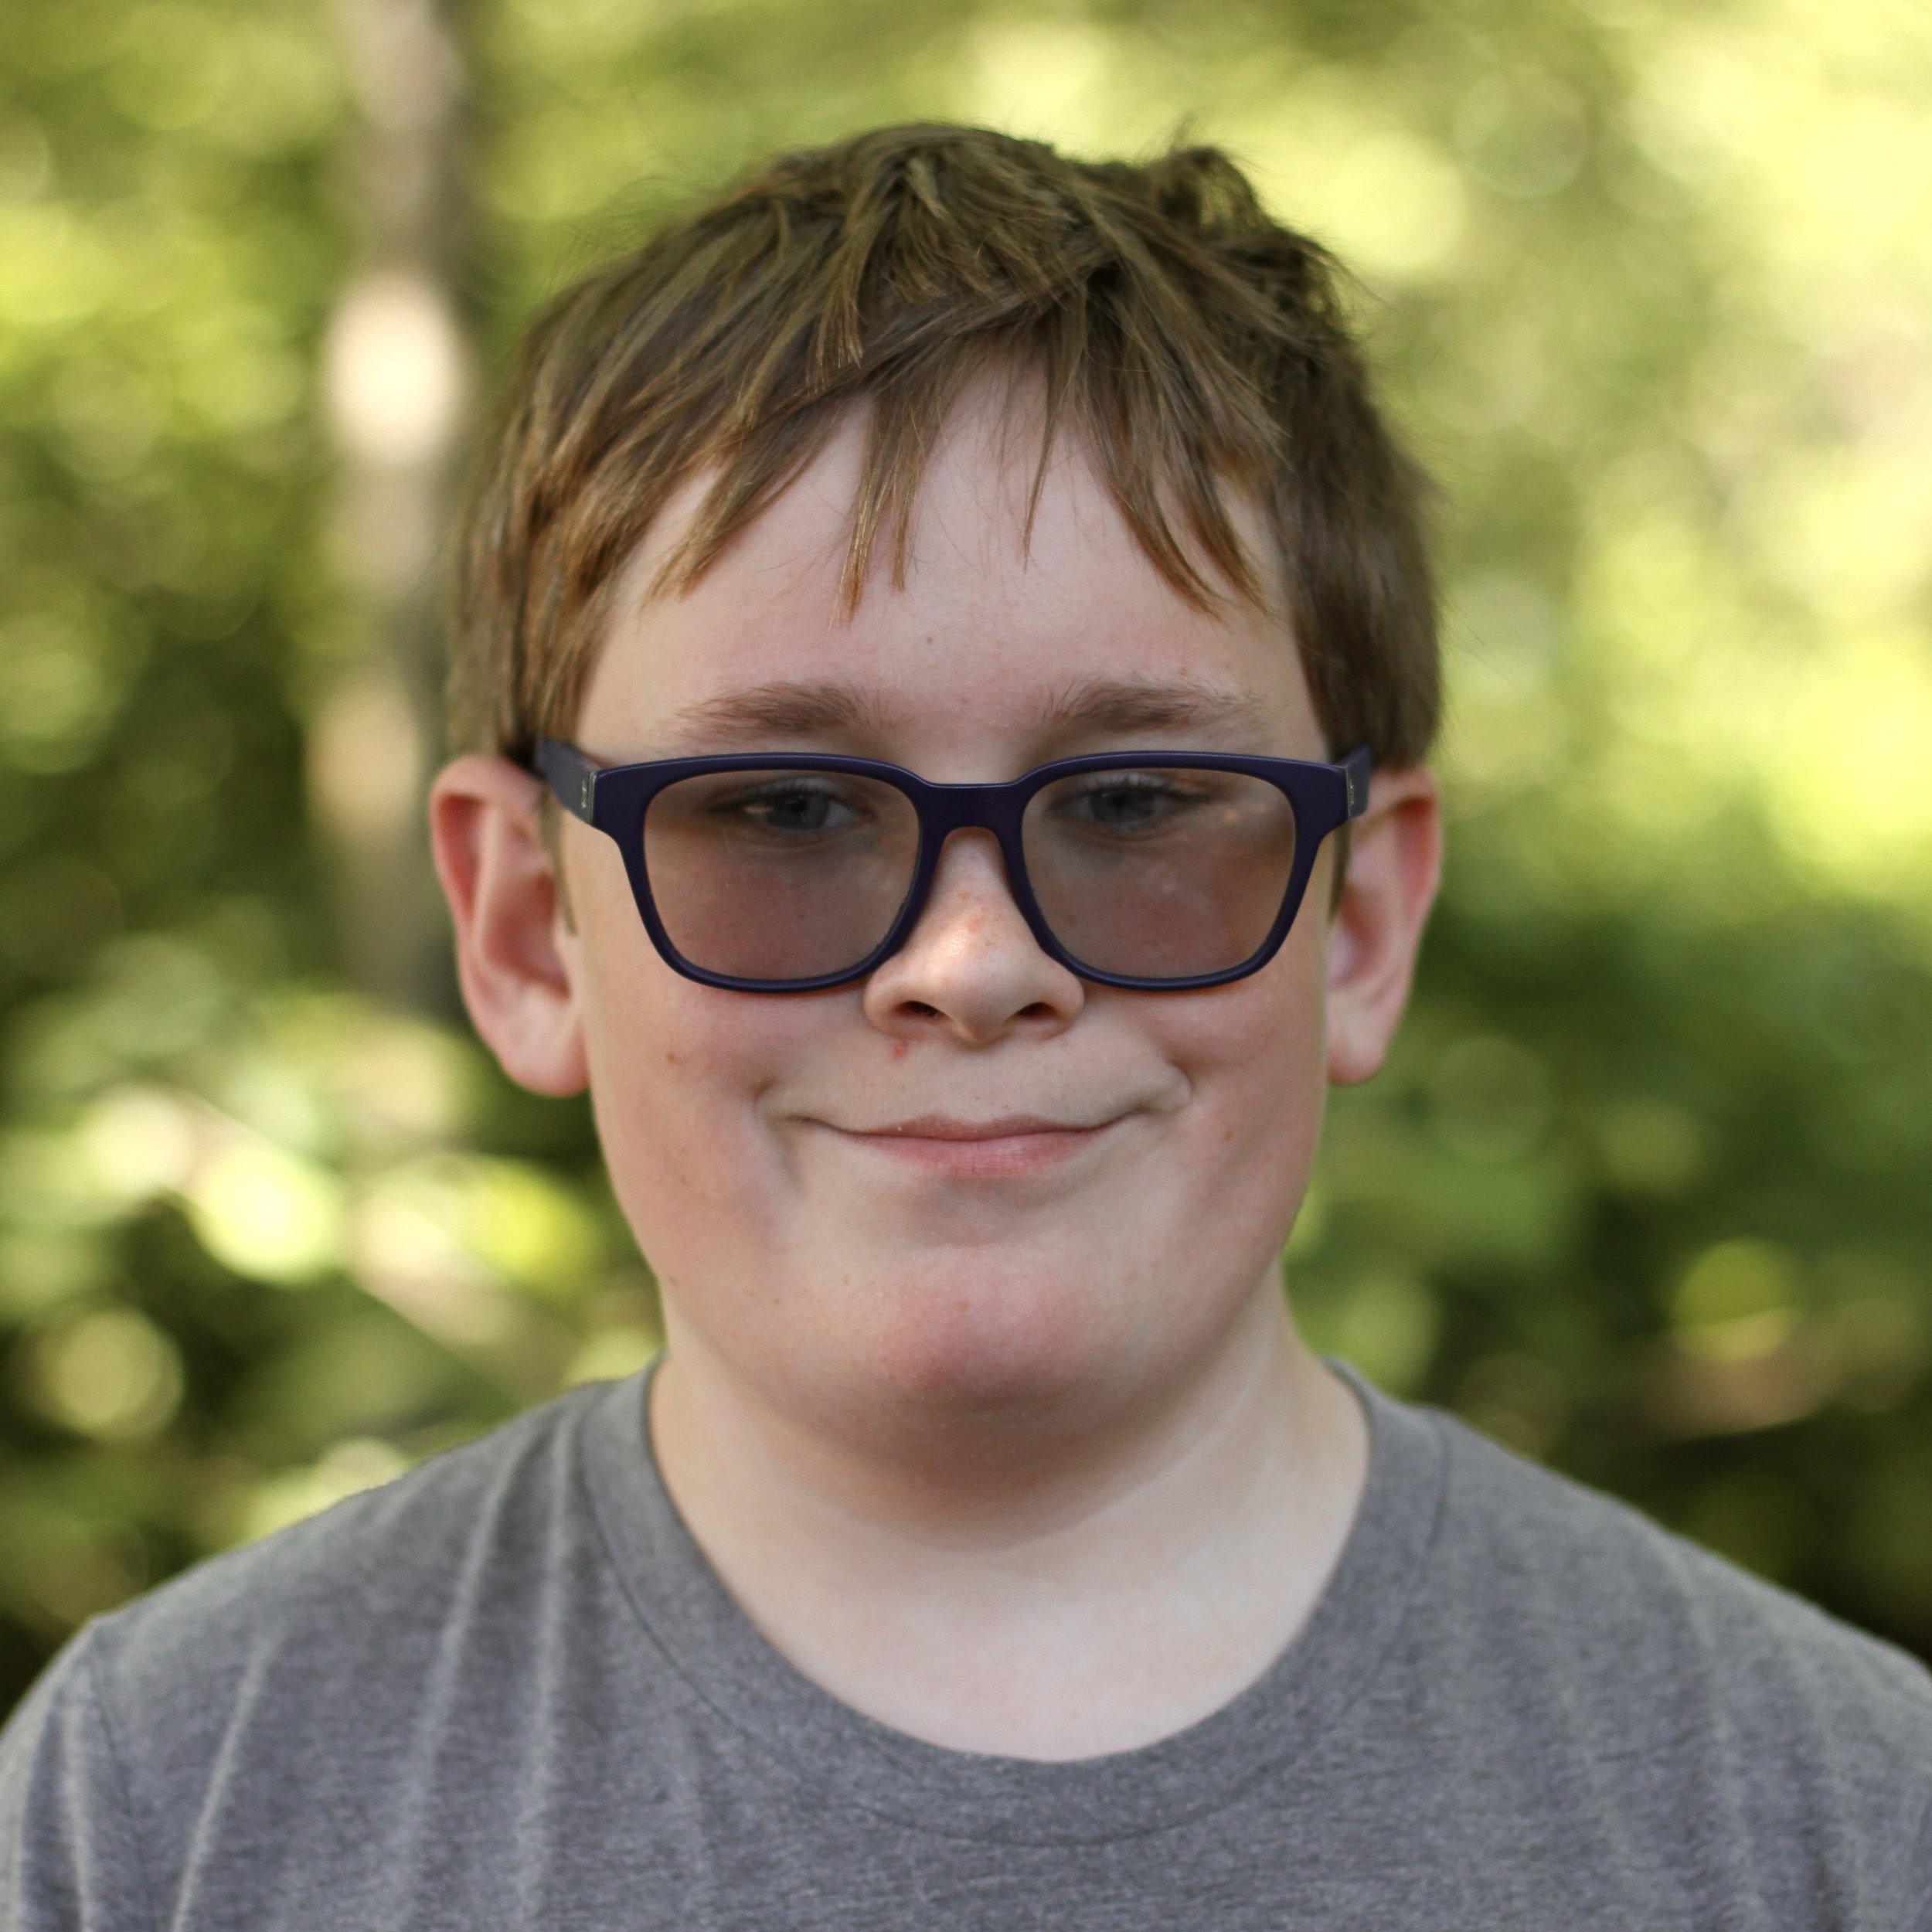 微笑的学生,金色短发,戴着眼镜